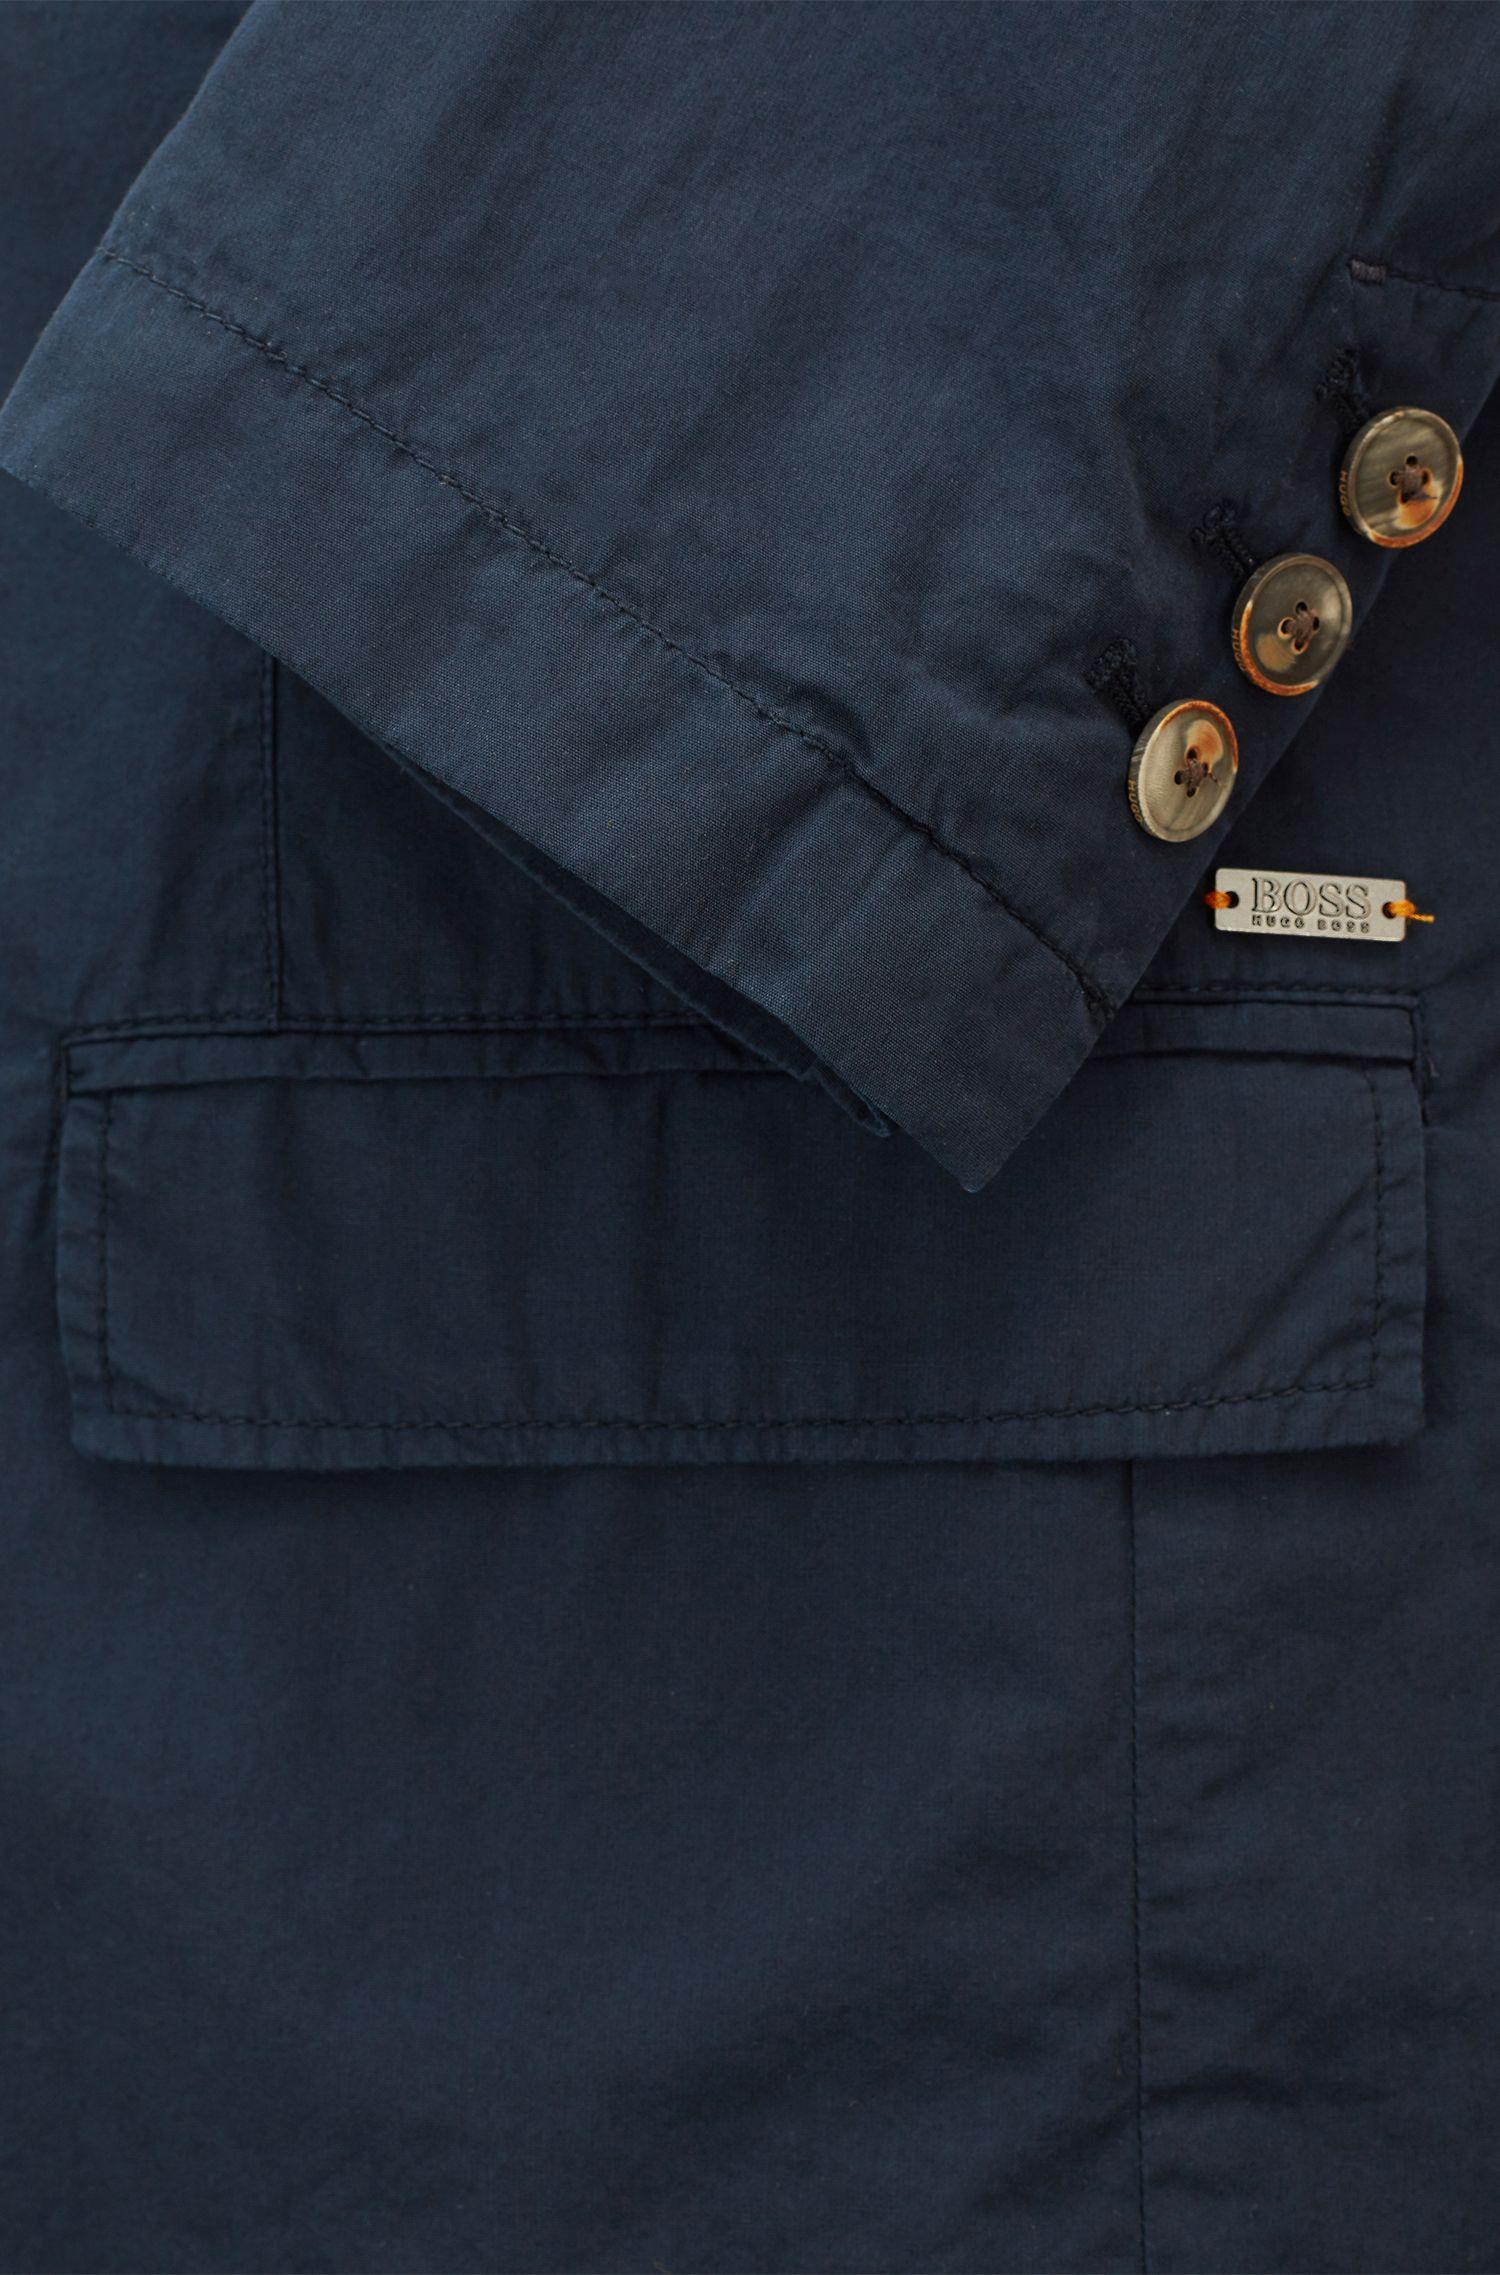 Blazer slim fit in cotone leggero realizzato in Italia